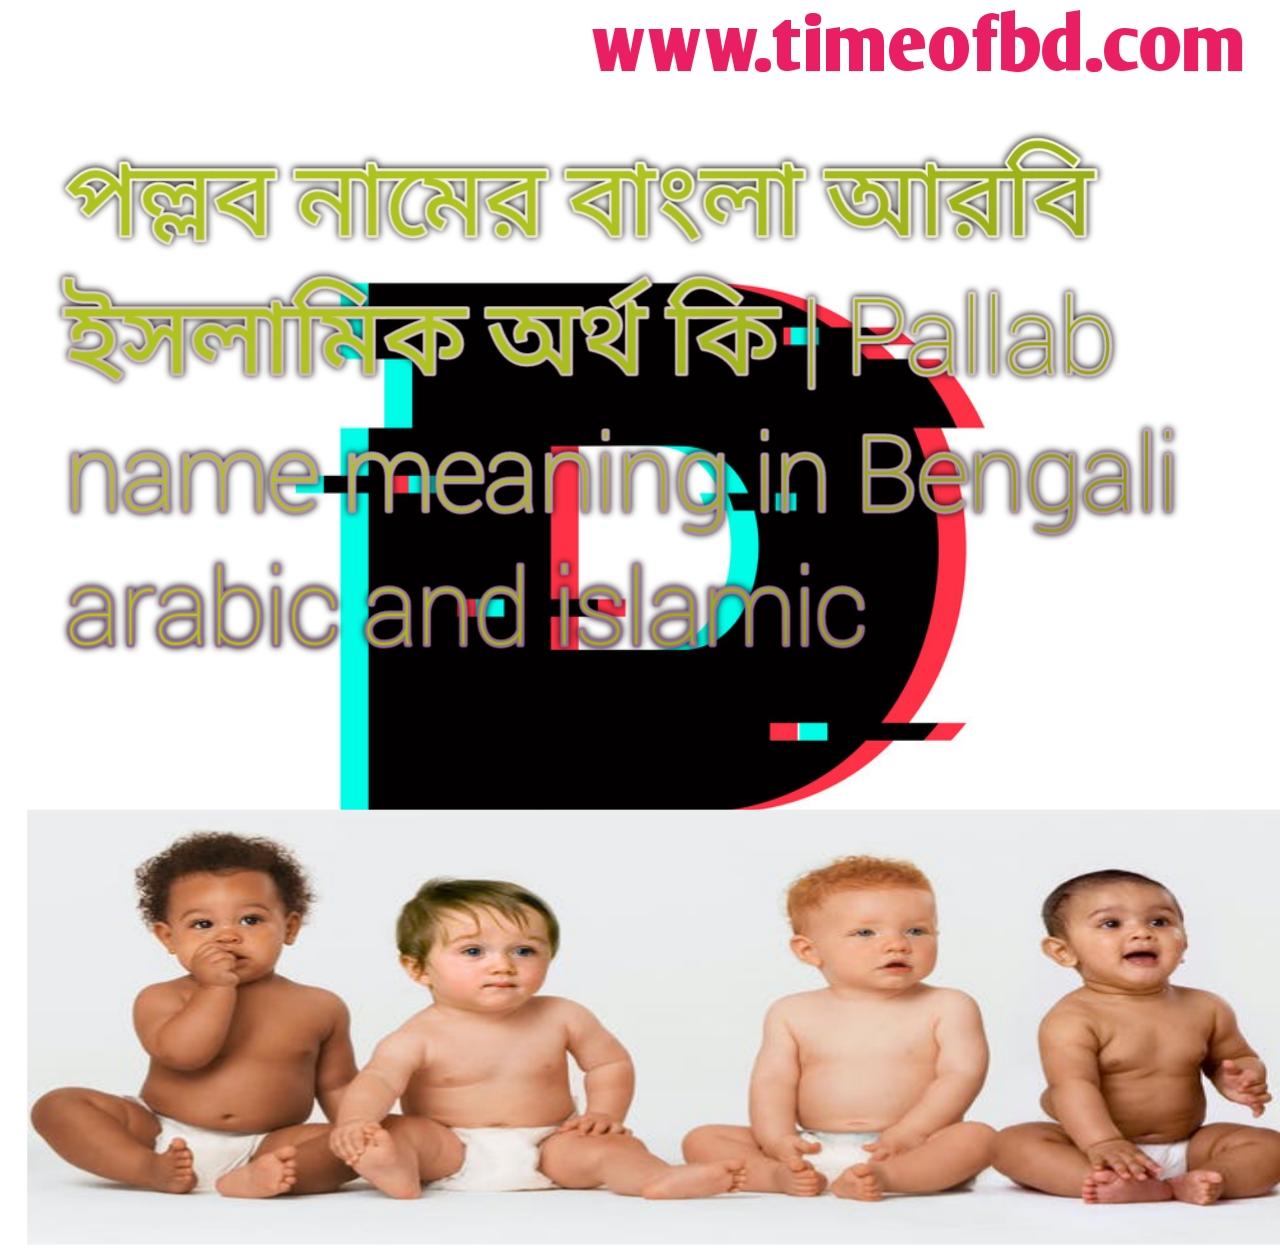 পল্লব নামের অর্থ কি, পল্লব নামের বাংলা অর্থ কি, পল্লব নামের ইসলামিক অর্থ কি, Pallab name meaning in Bengali, পল্লব কি ইসলামিক নাম,